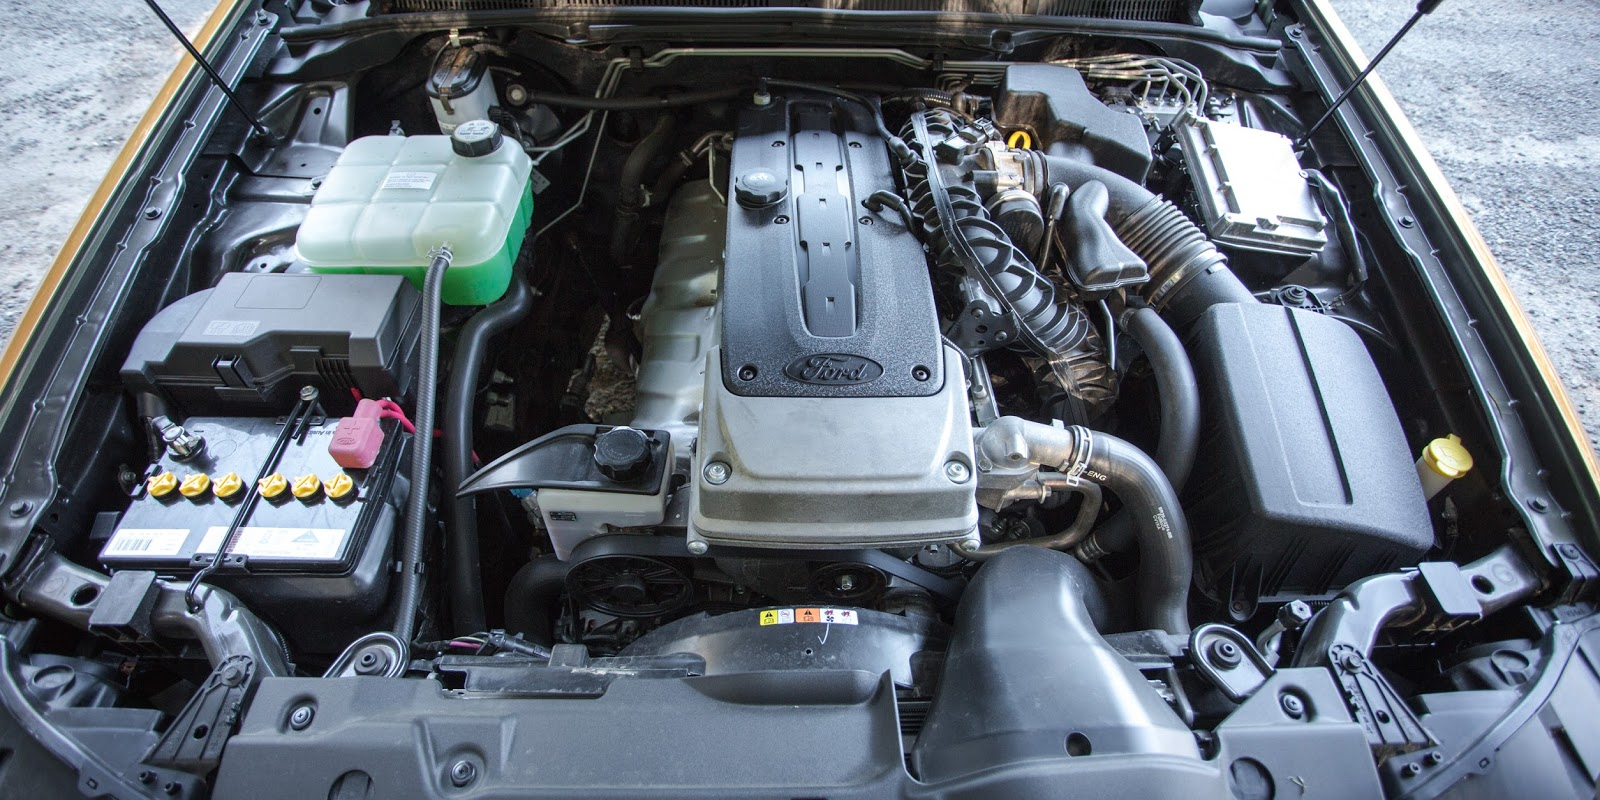 Xe sở hữu khối động cơ cực mạnh cũng như vô cùng ngốn xăng